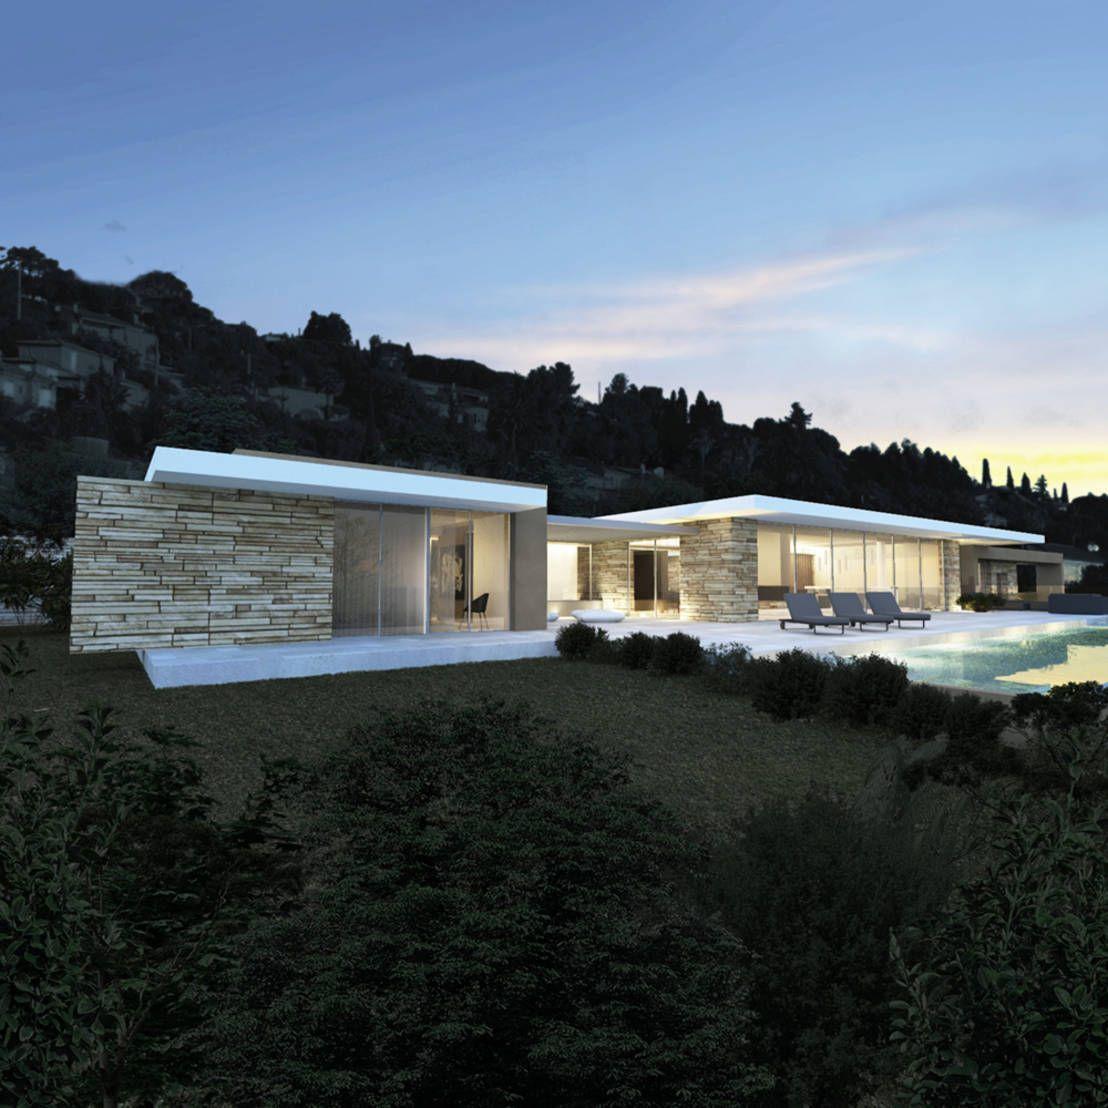 villa e saint tropez par arrivetz belle architecture pinterest villa contemporaine. Black Bedroom Furniture Sets. Home Design Ideas